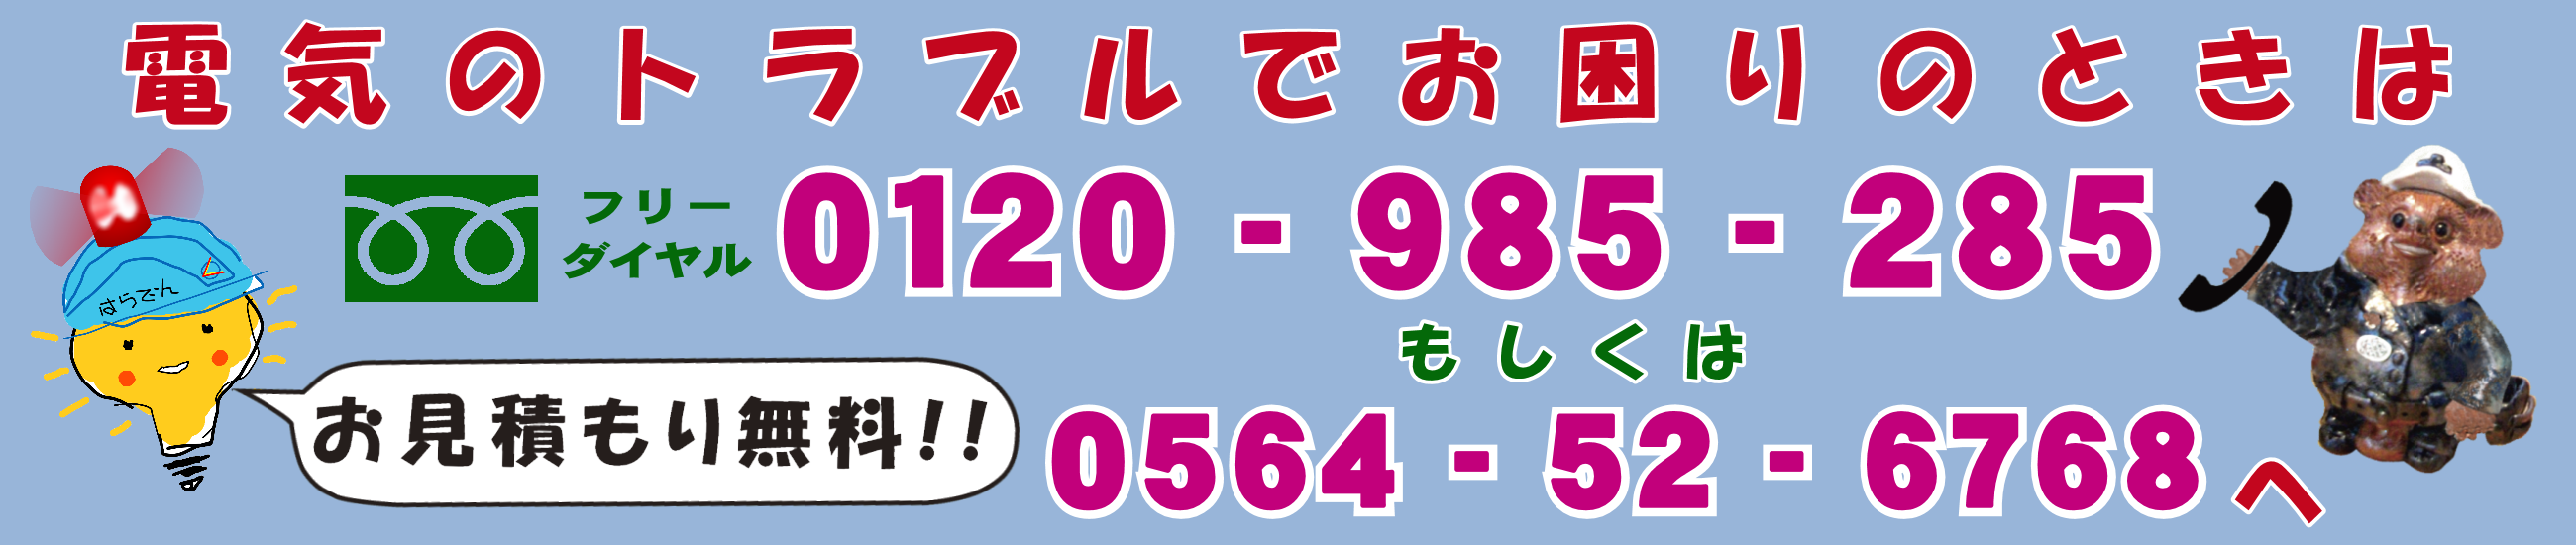 res_tel_02